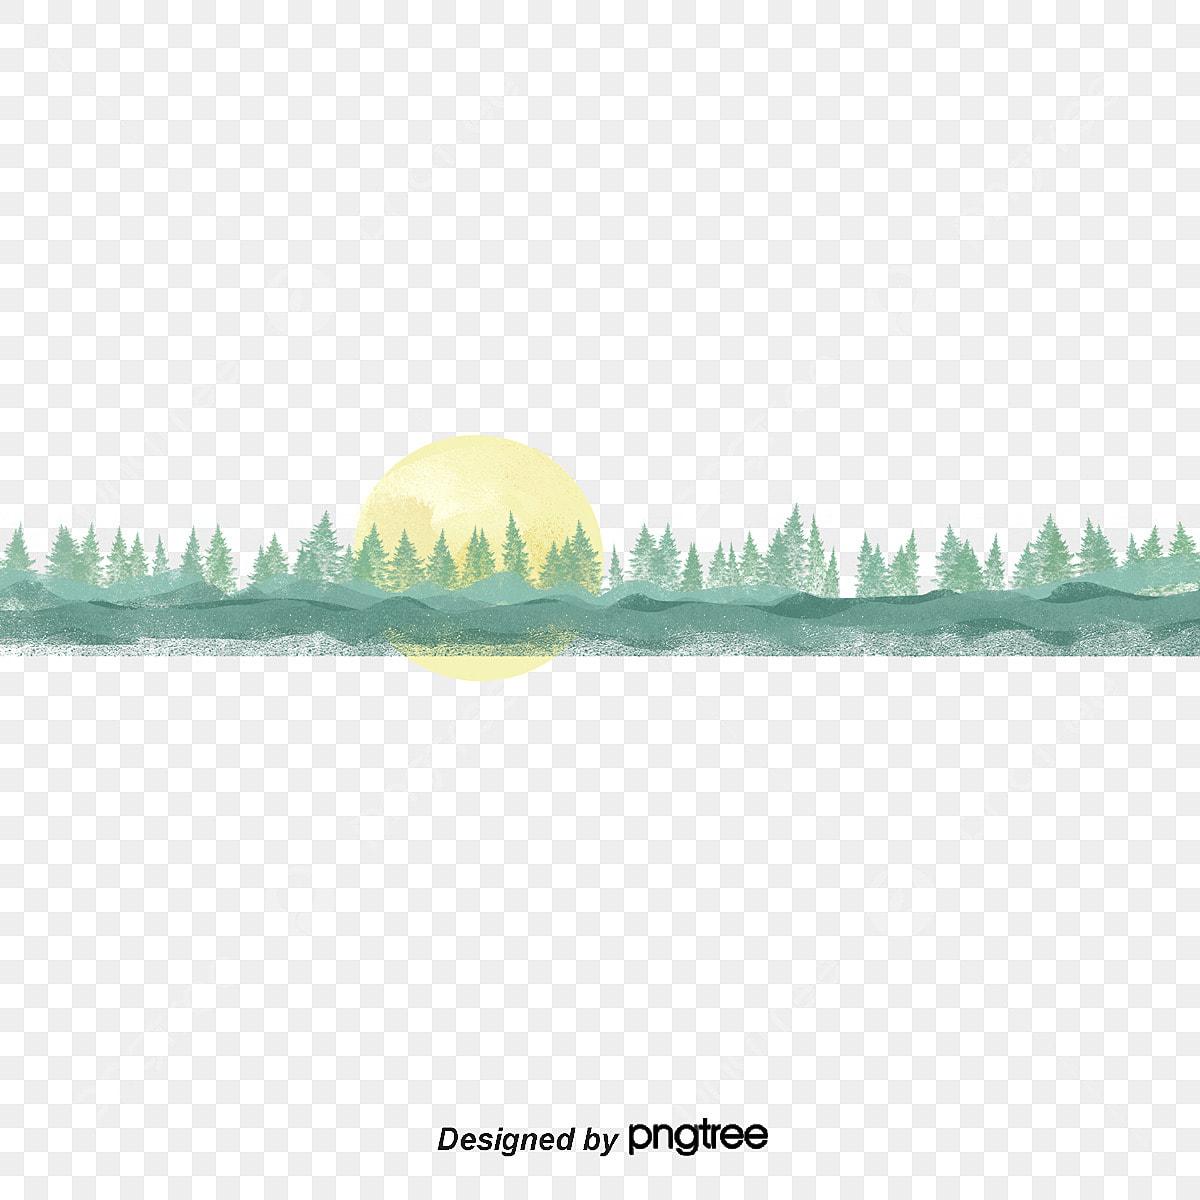 Bằng Tay Màu Xanh Lá Cây Rừng Vàng ánh Nắng Mặt Trời Mặt